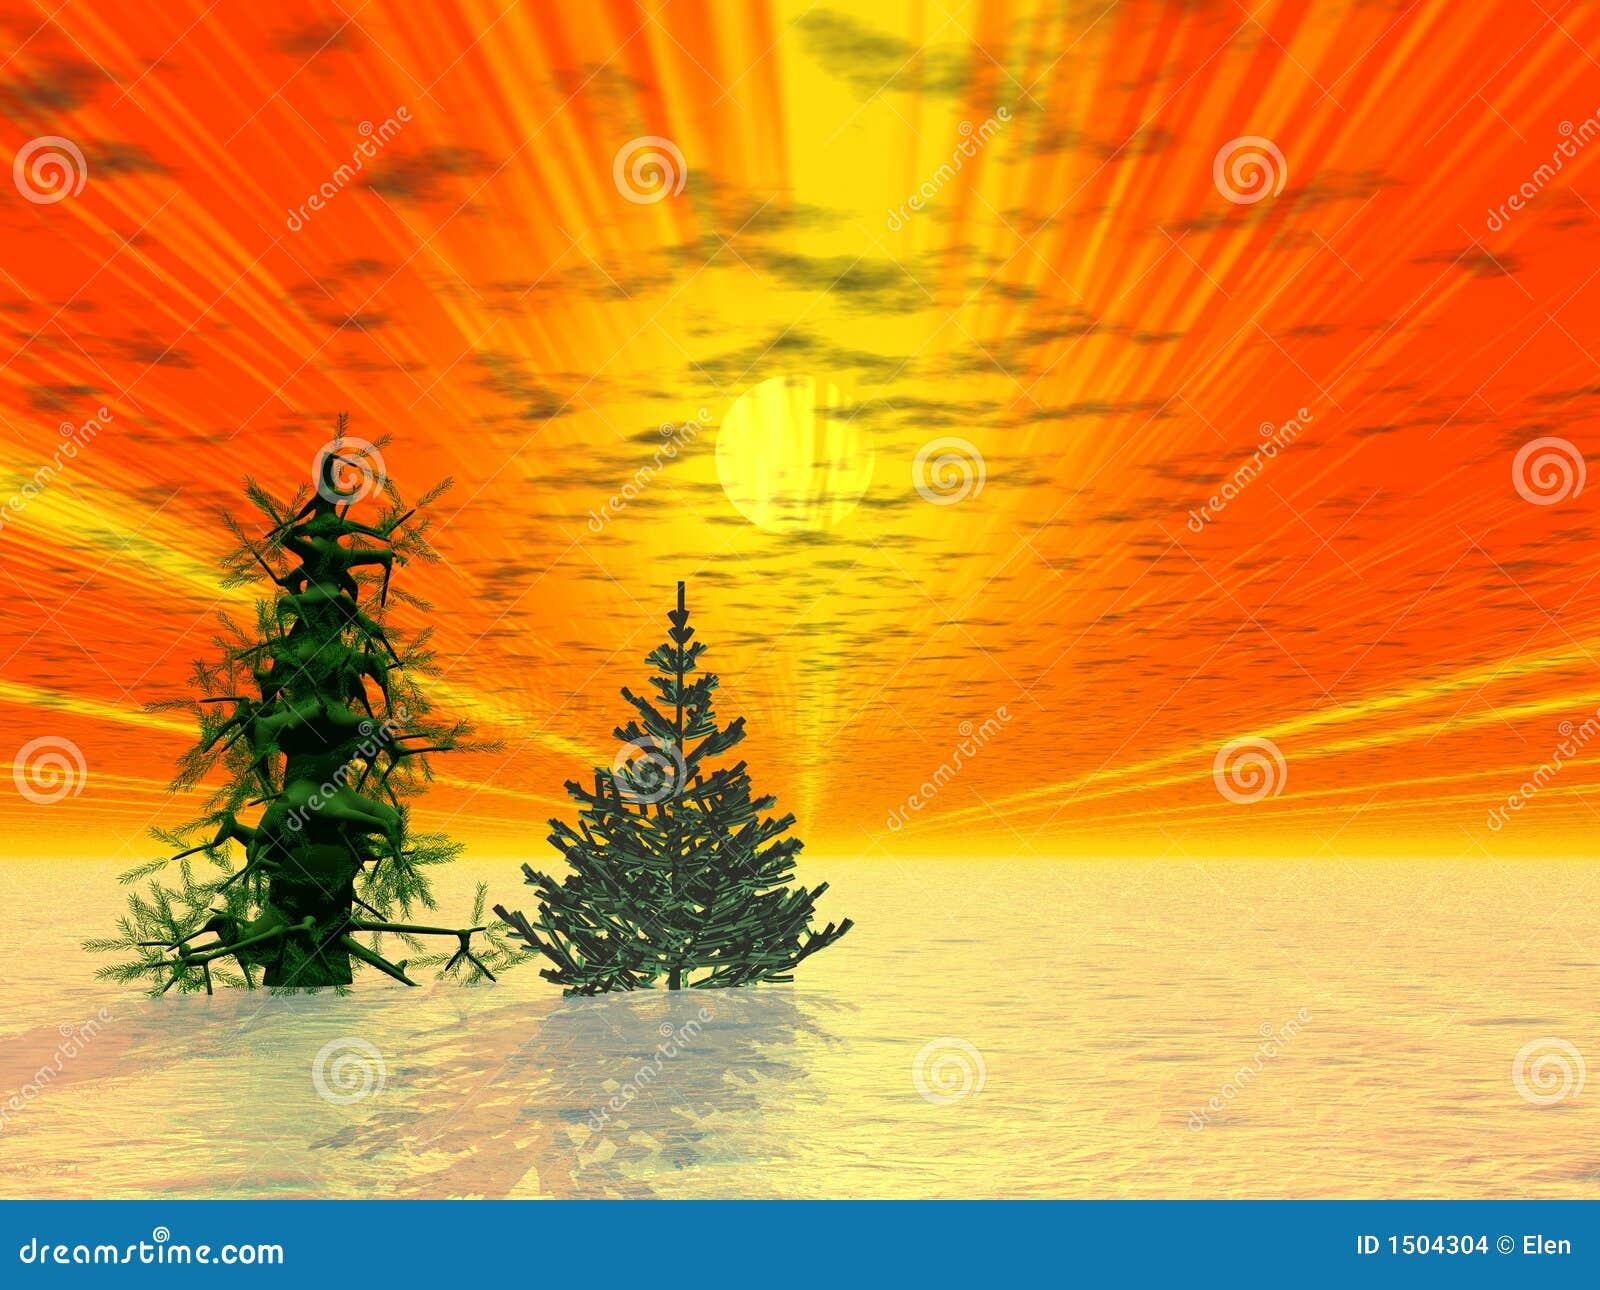 Golden sunrise two fir trees stock illustration illustration of